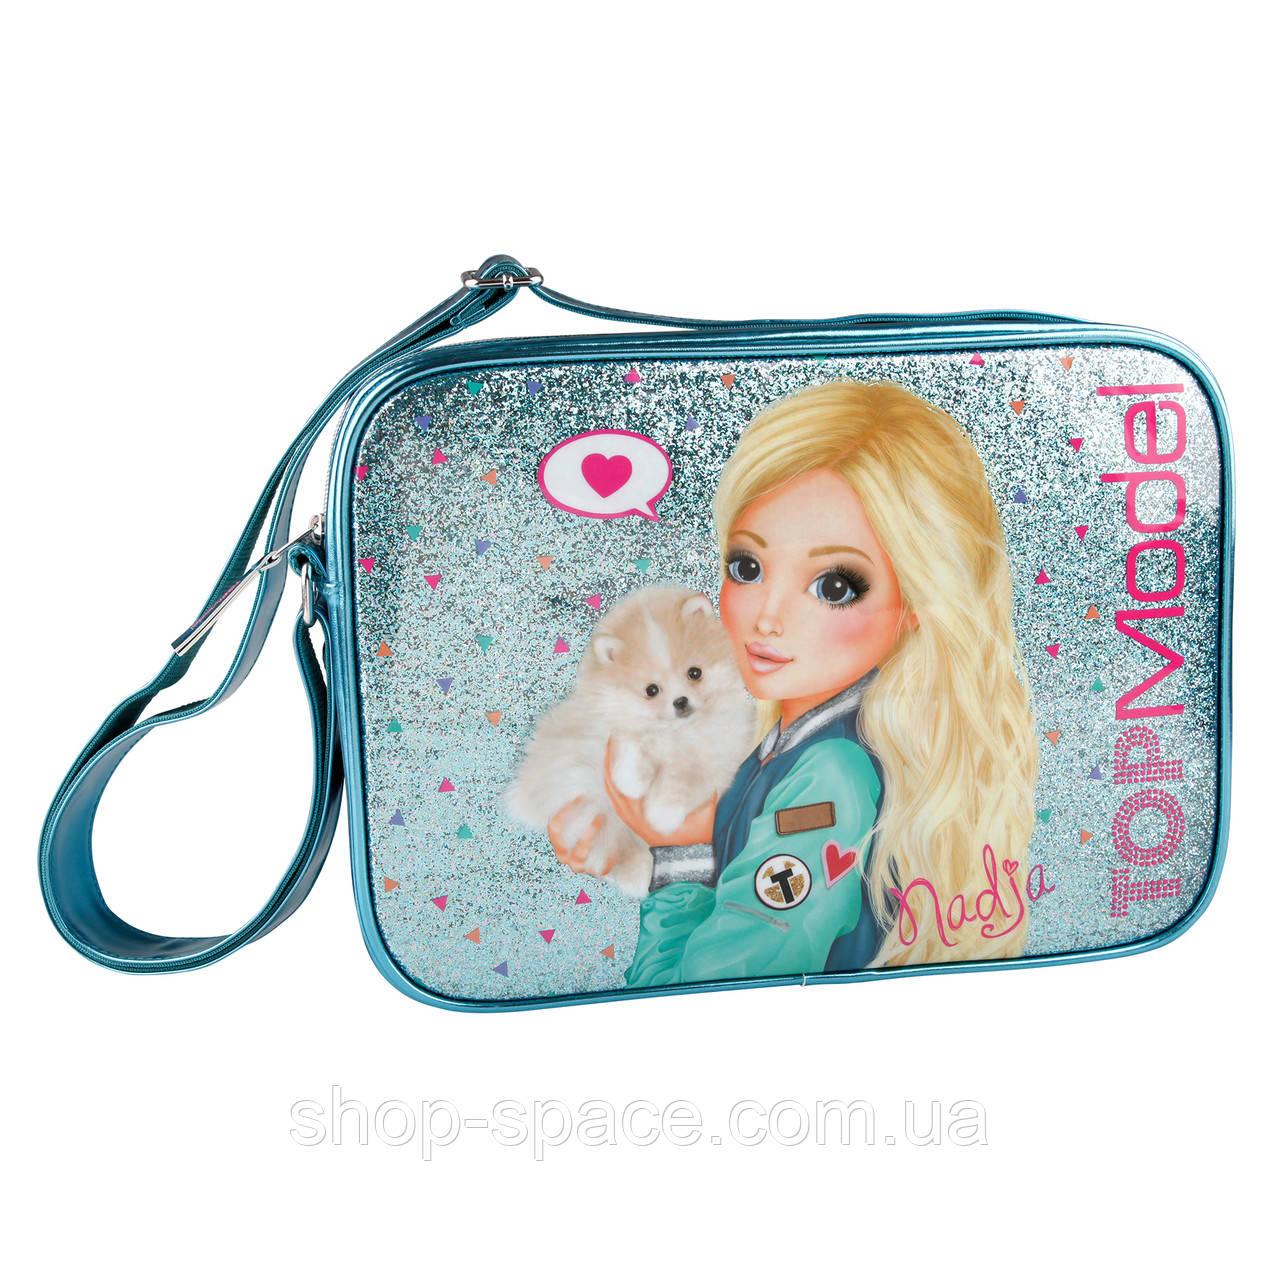 Top Model сумка Друзья (бирюзовая)